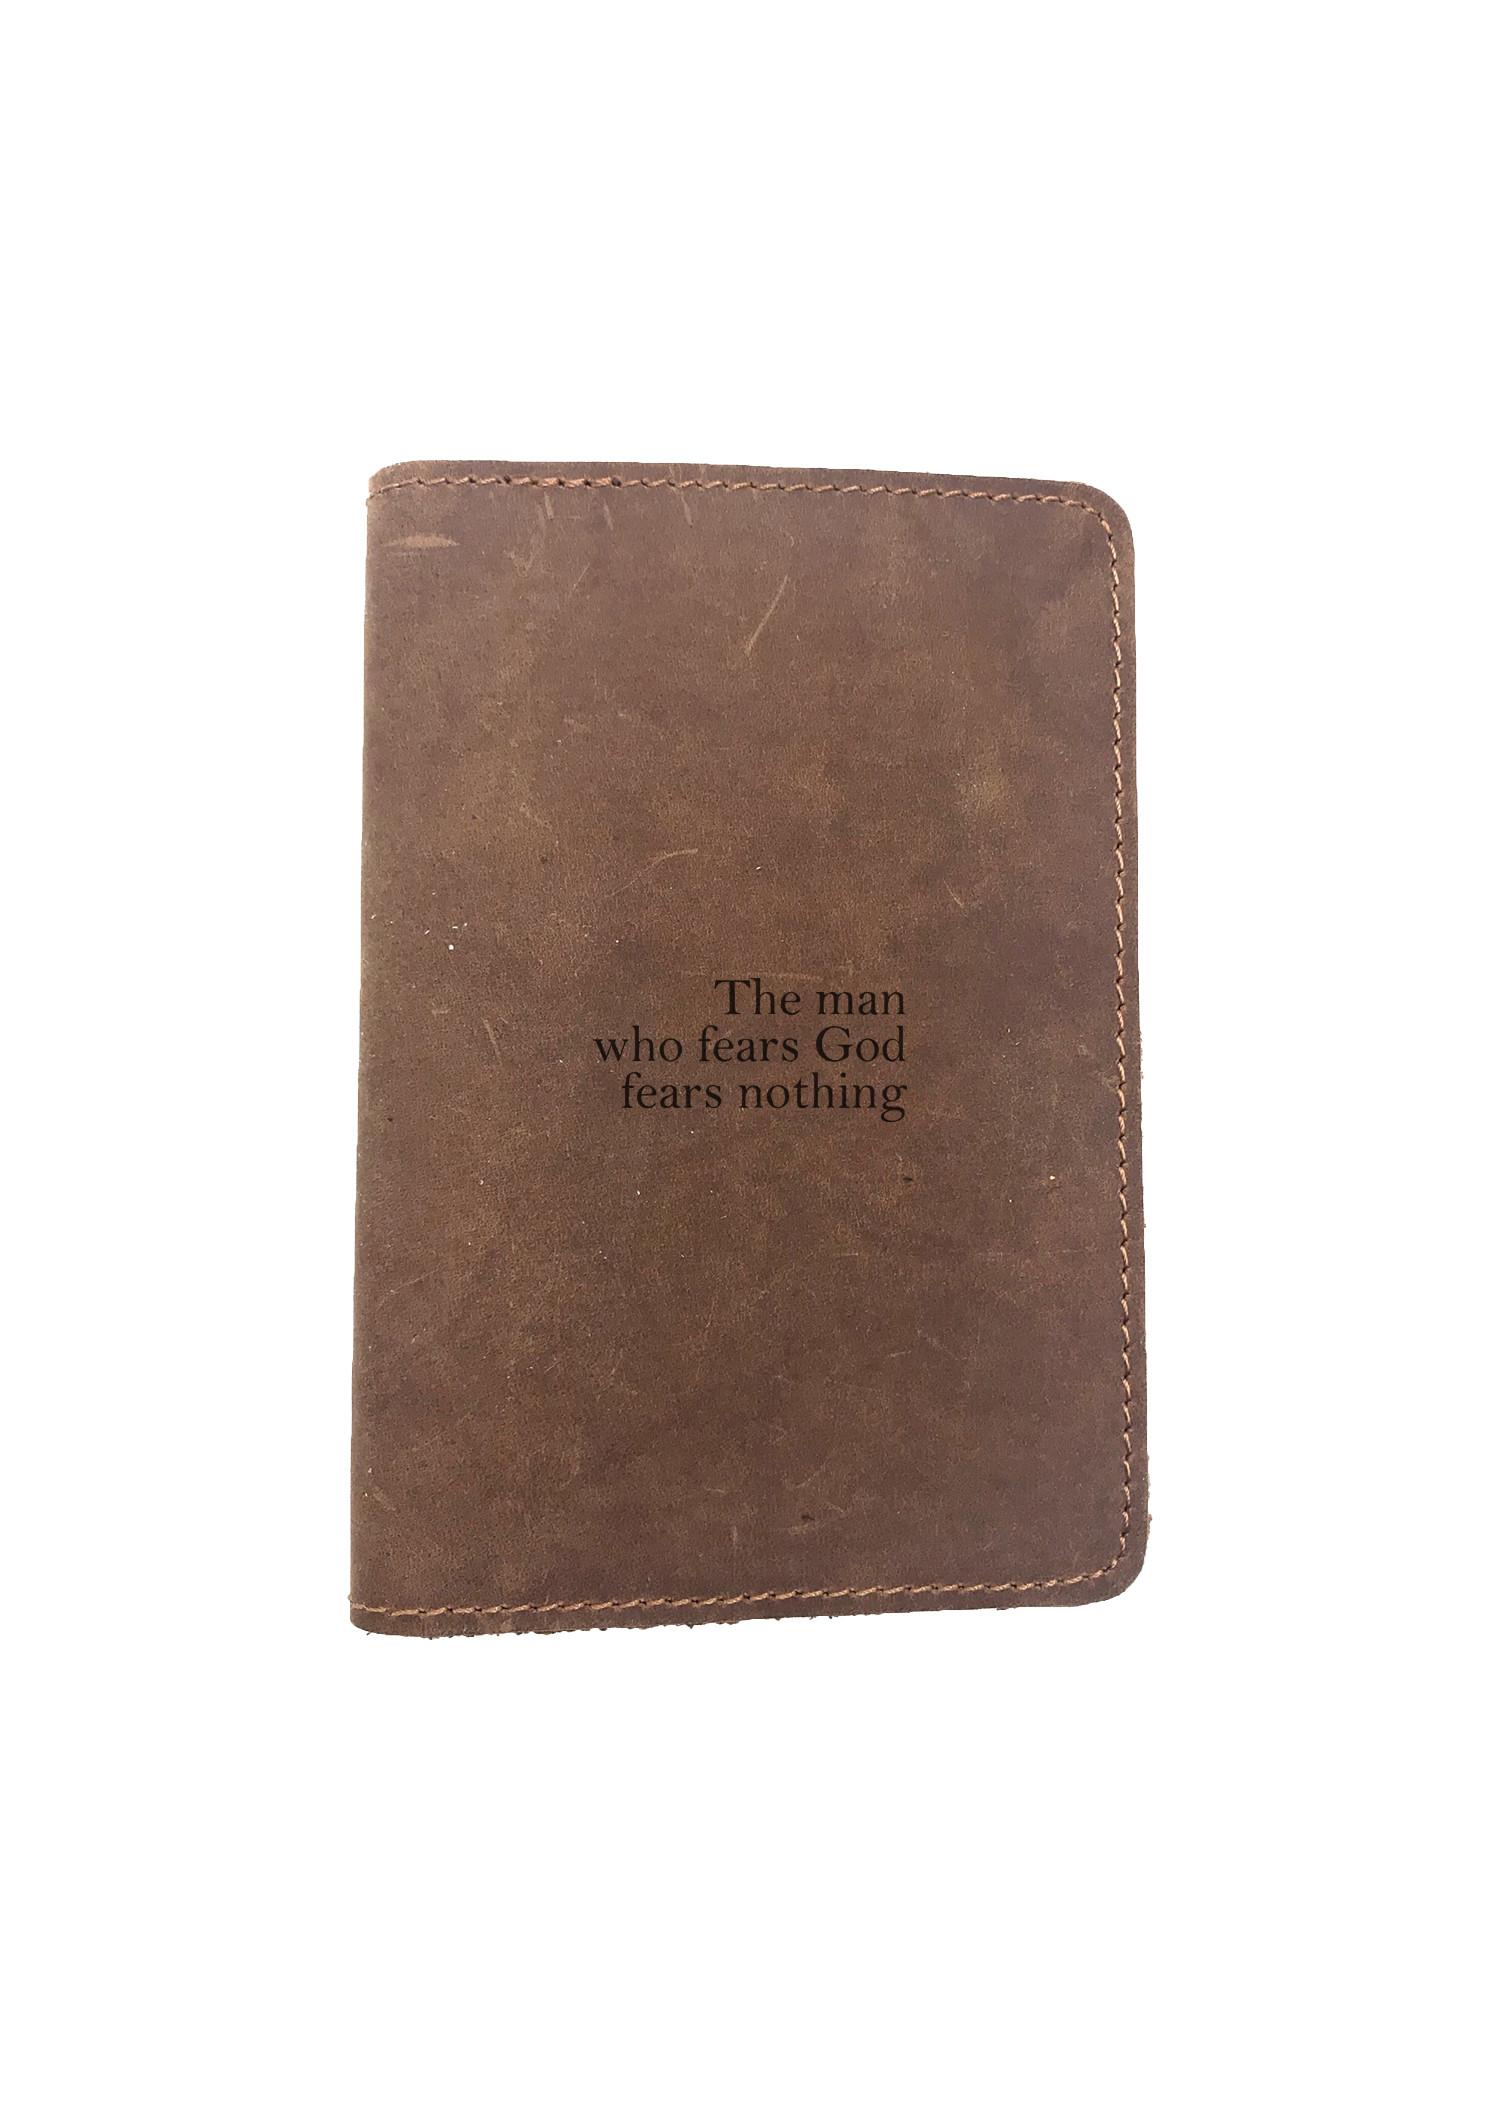 Passport Cover Bao Da Hộ Chiếu Da Sáp Khắc Hình Chữ CHRISTIAN THE MAN WHO FEARS GOD FEARS NOTHING (BROWN)